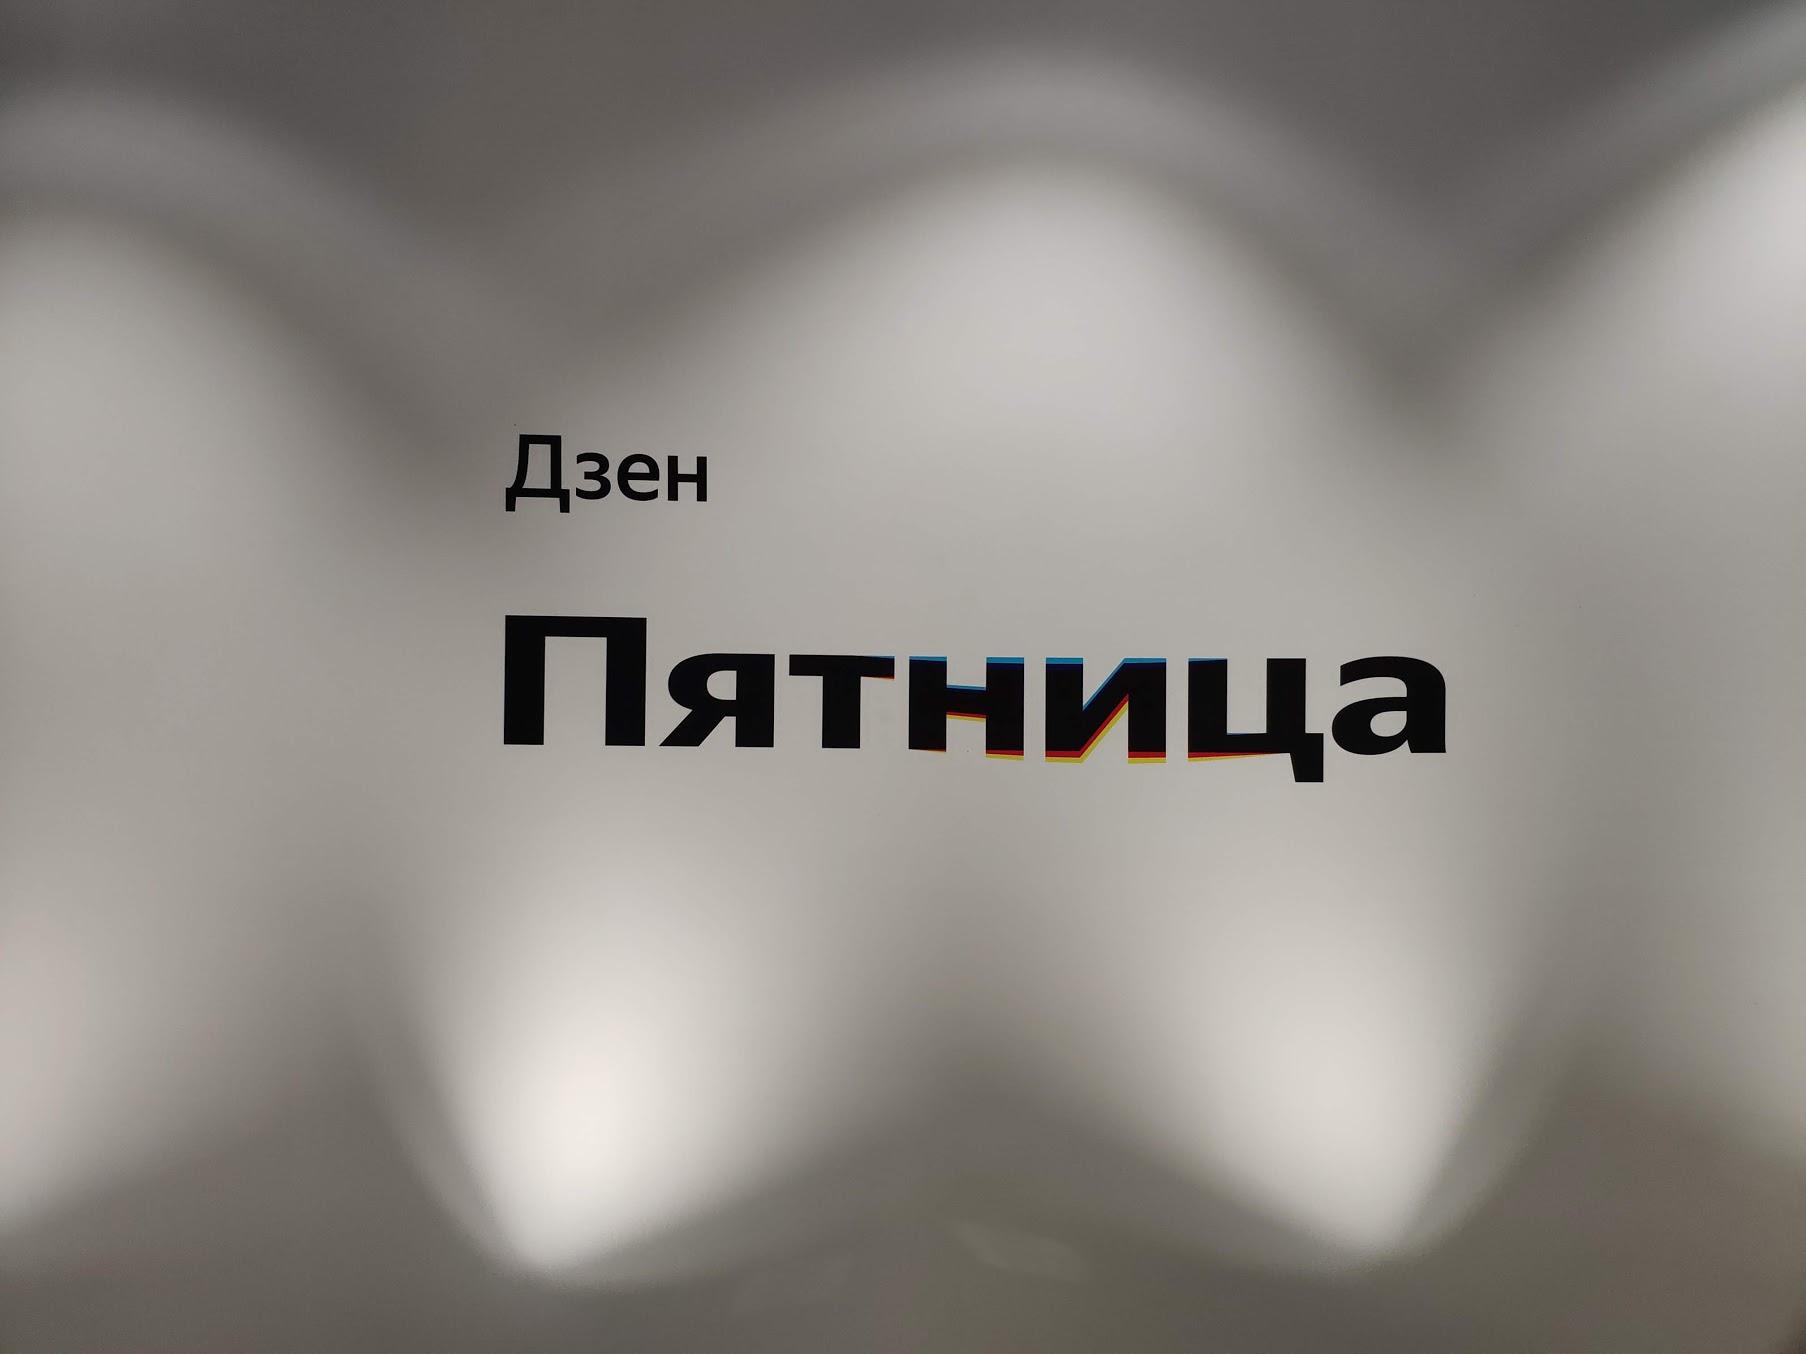 Яндекс.Дзен: как включить монетизацию, попасть вТОП каналов. Идаже получить ограничение показов